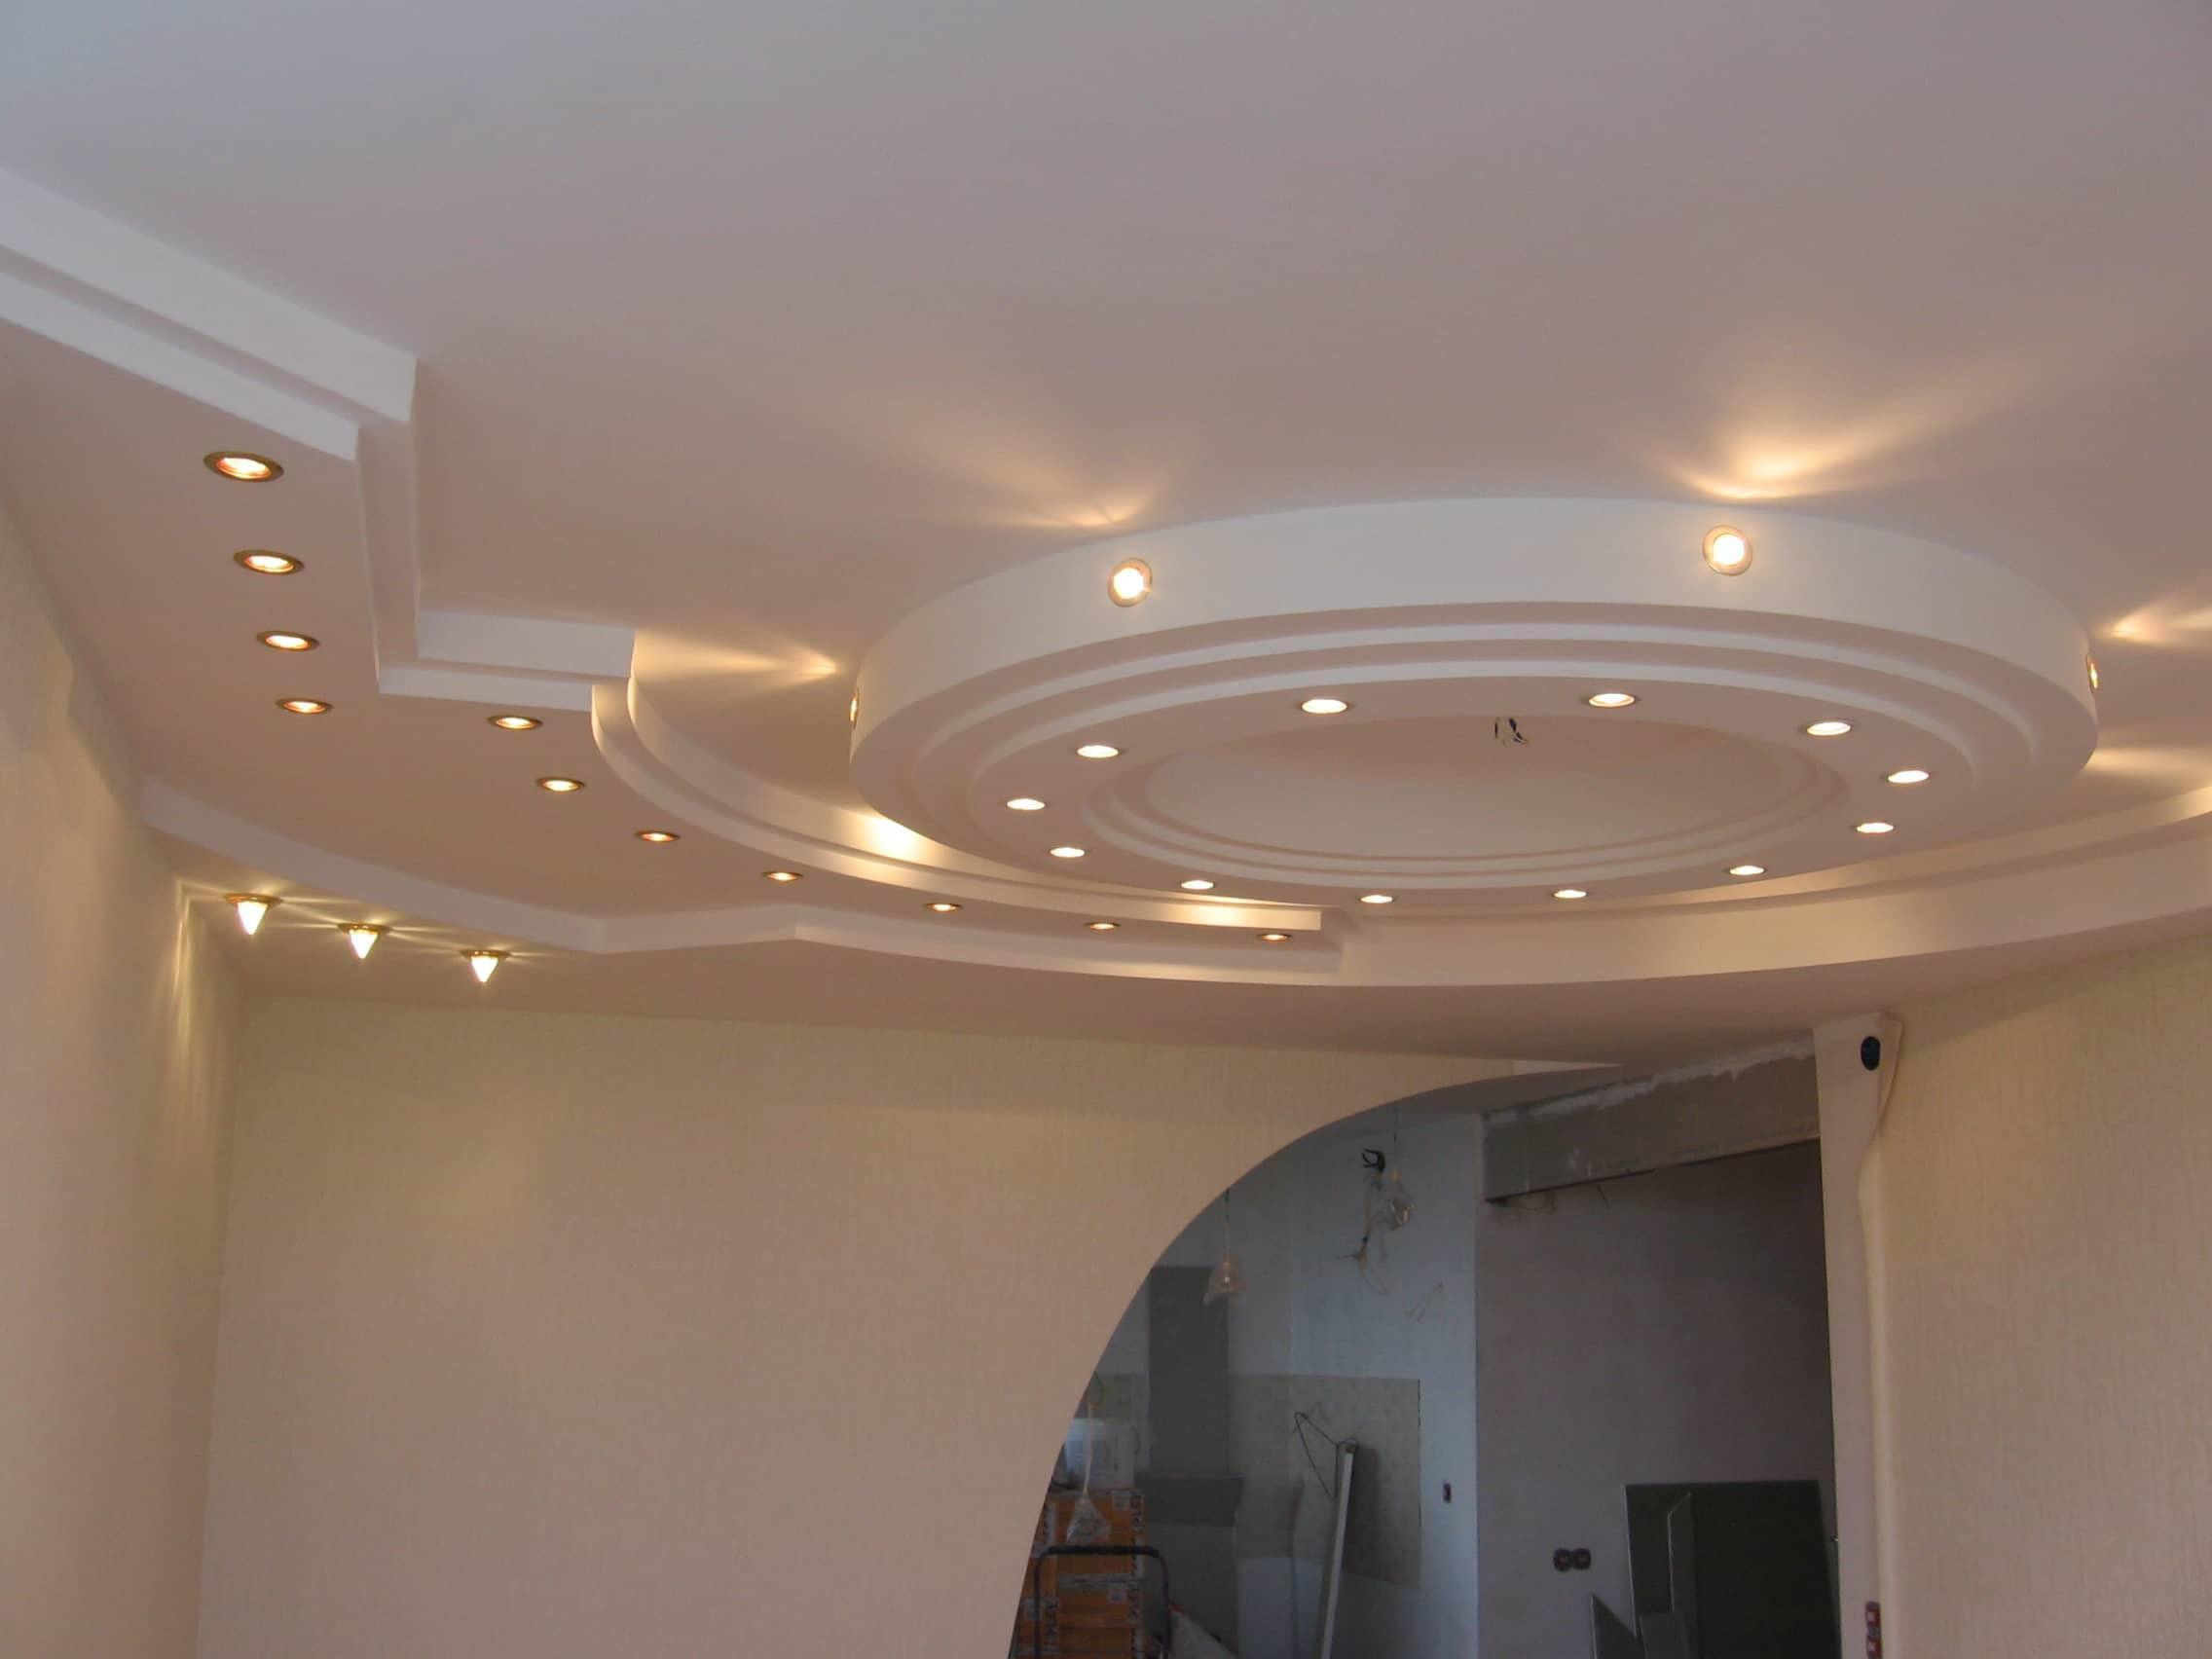 многоуровневые потолки из гипсокартона фотогалерея как оказалось